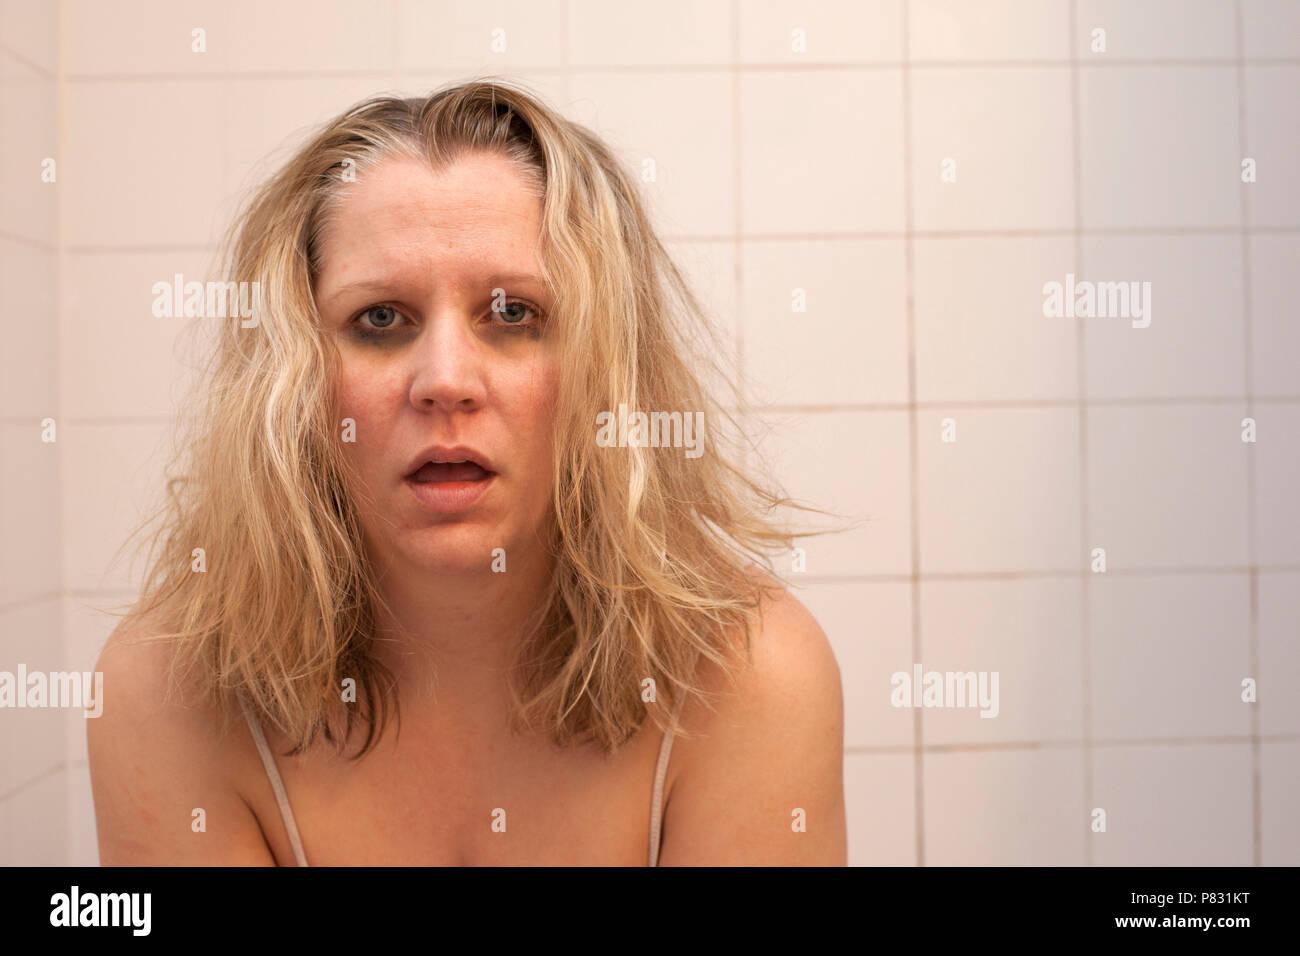 Eine Frau mit schrecklichen unordentlichen Haar, dunkle schwarze Kreise unter Augen und raue Gesicht fühlt sich krank, Kater oder krank Stockbild